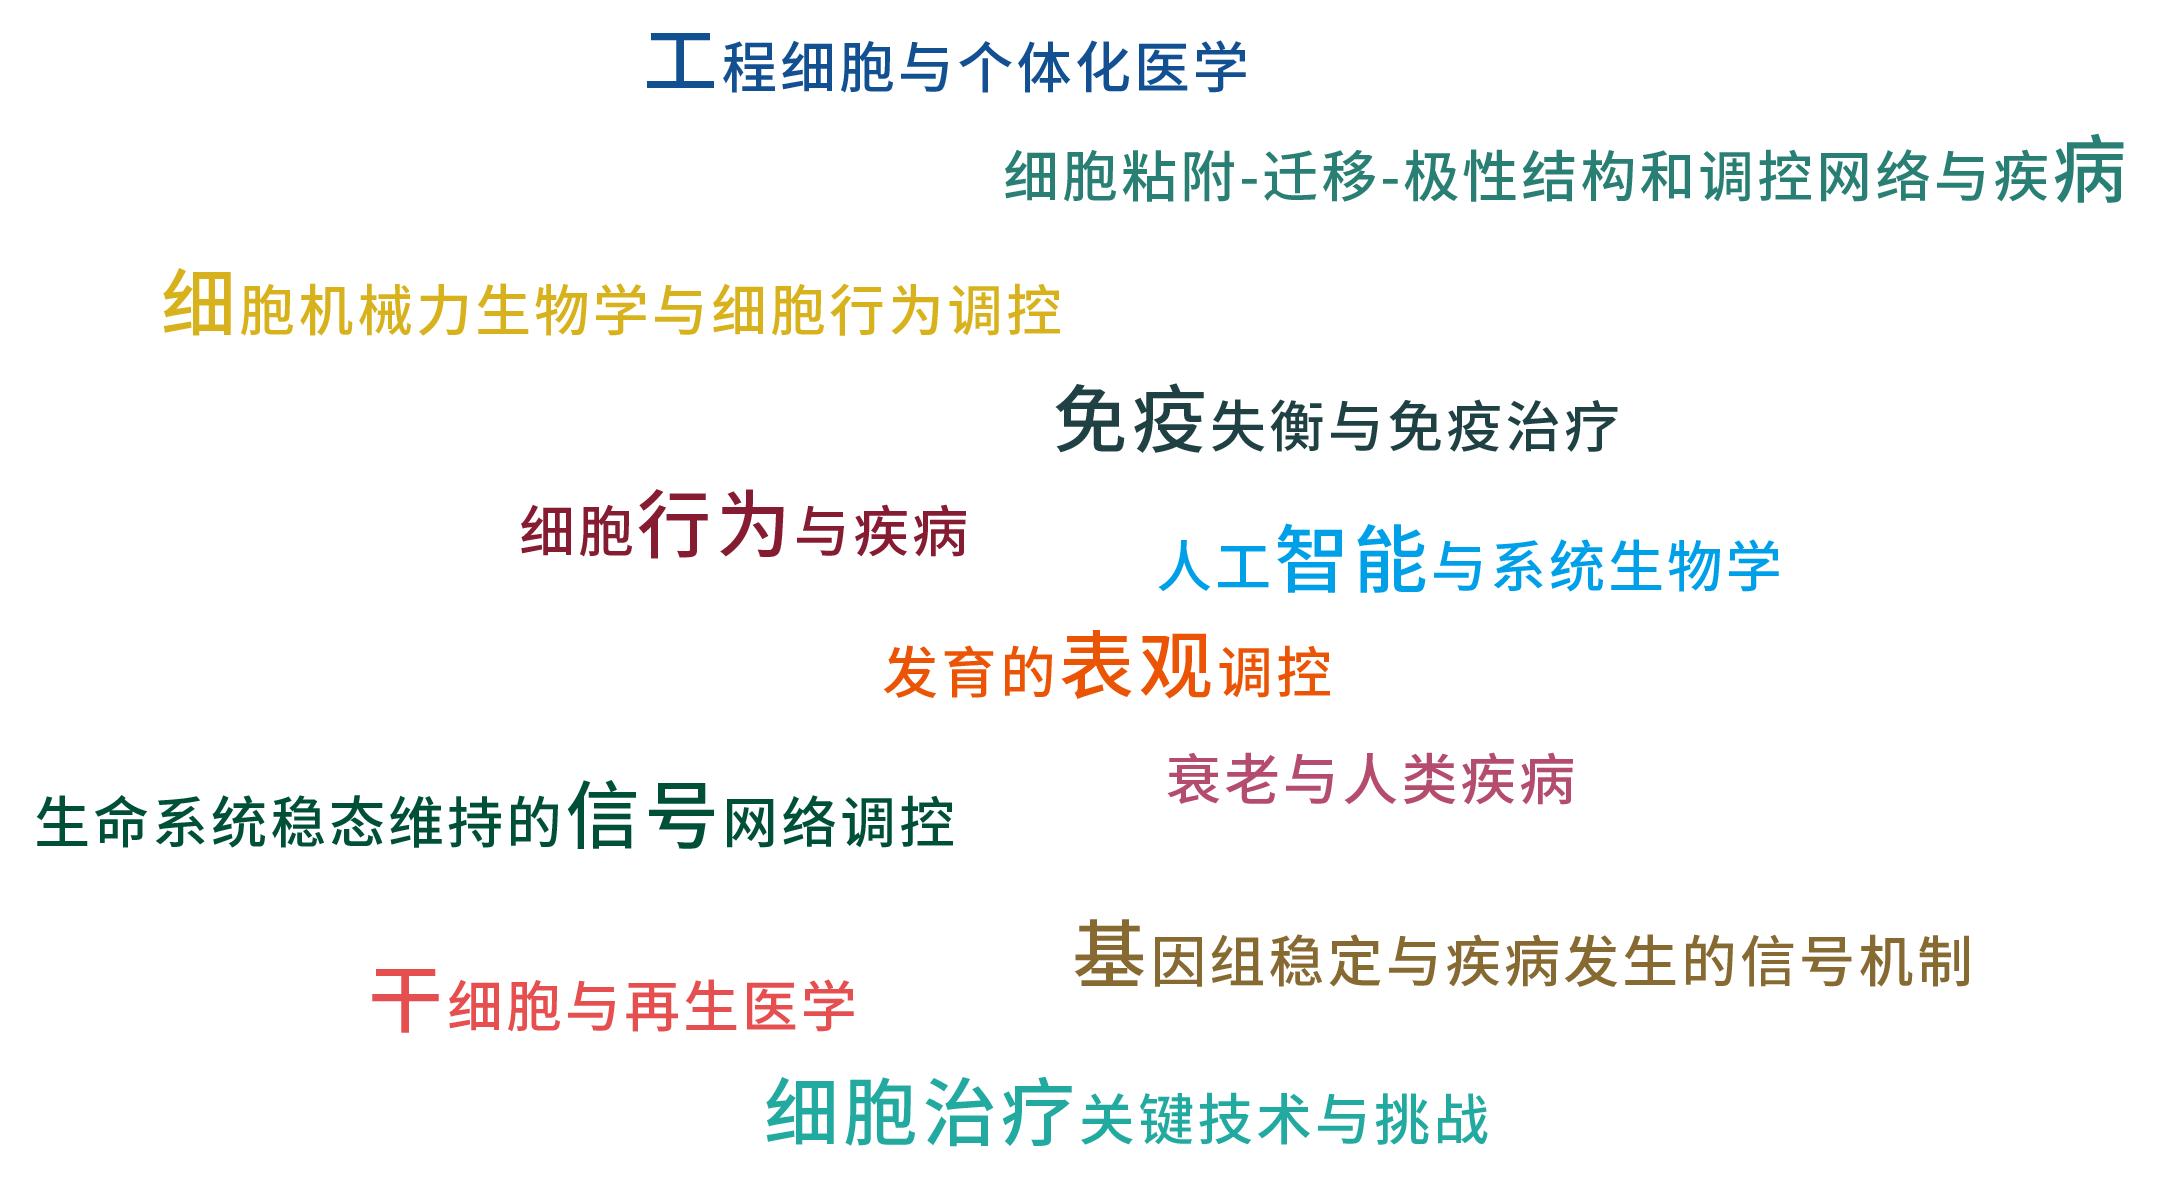 天津会议分会场-201902-01.png